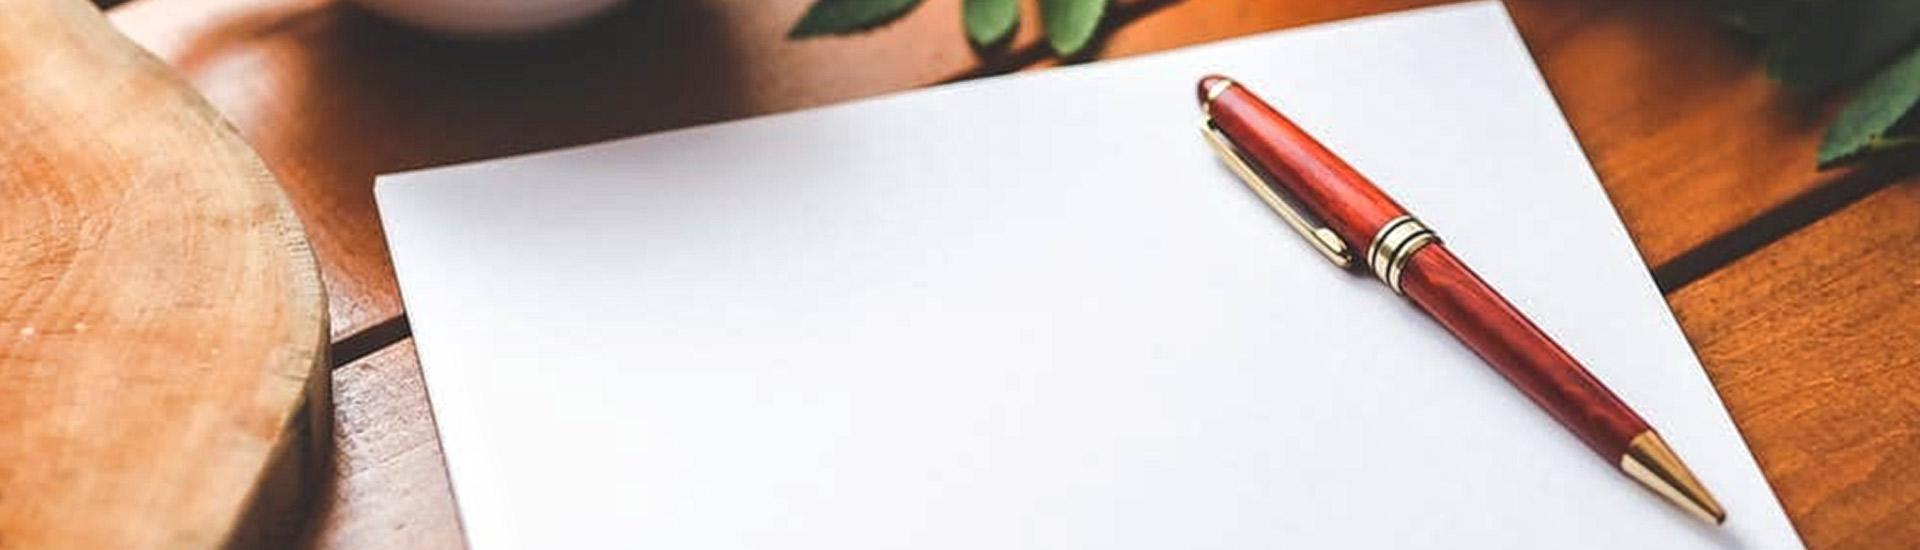 Nouvel article de Maître HAMOU dans la revue Droit de la famille sur le thème des nouvelles procédures familiales en droit des successions